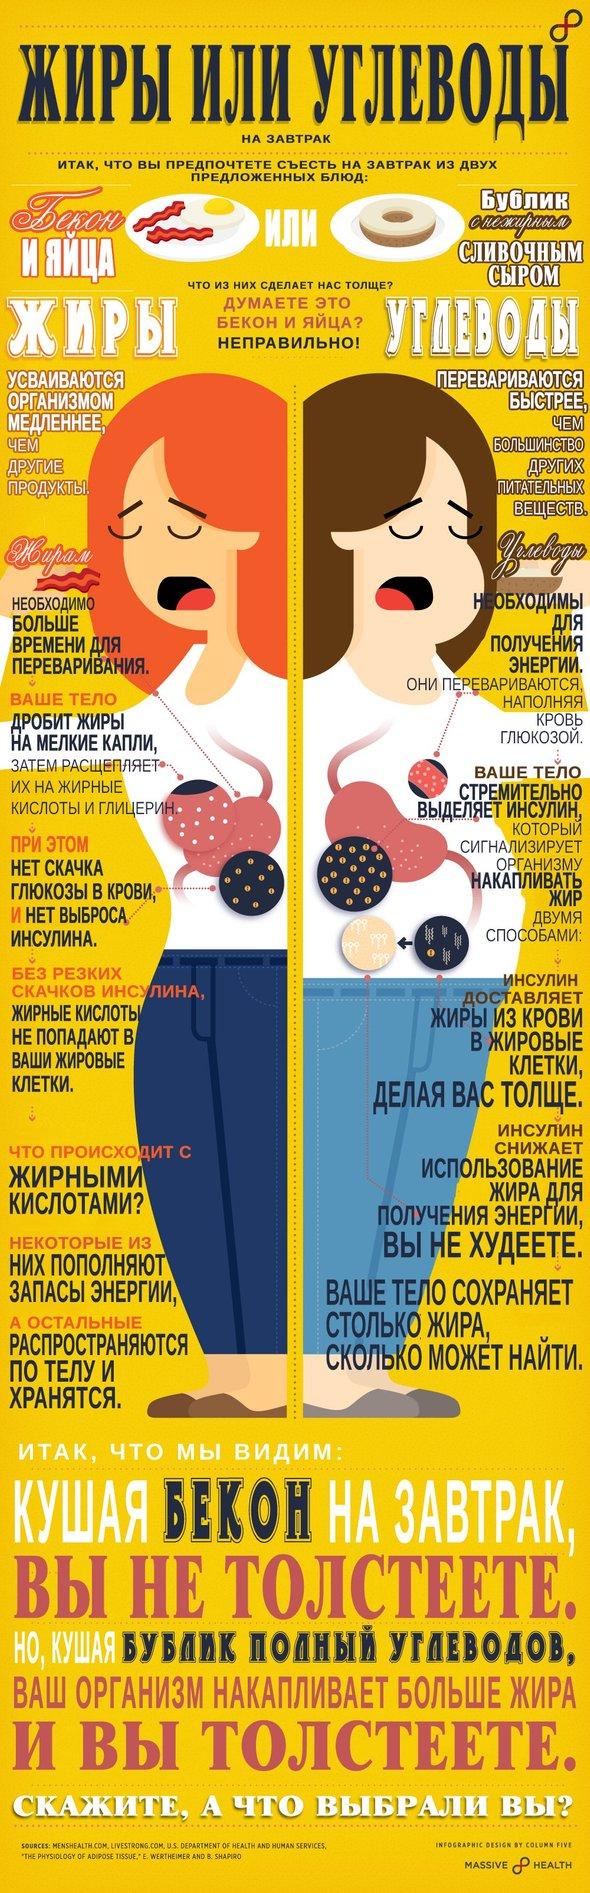 Что лучше жиры или углеводы? - инфографика